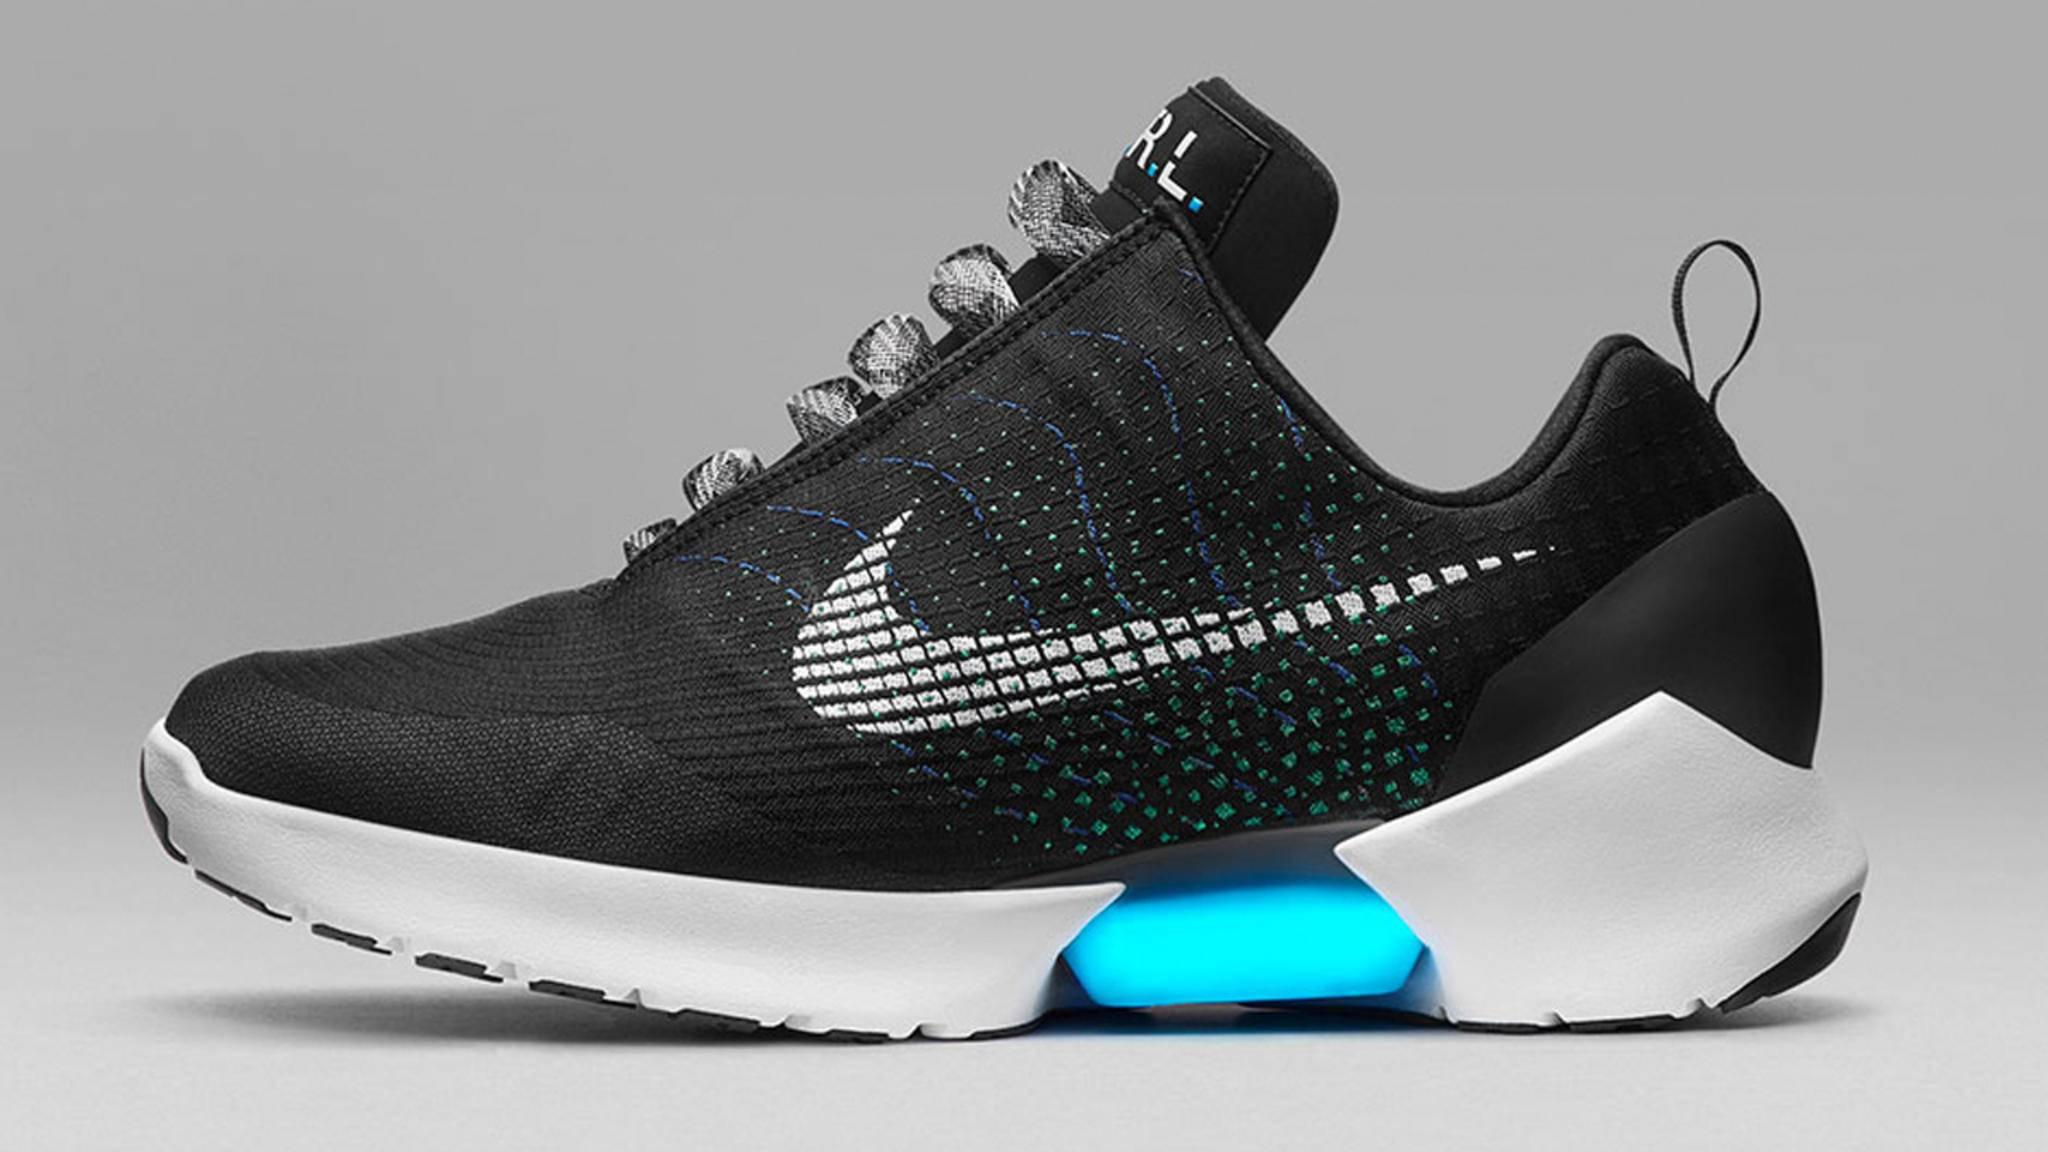 Start-up Mindtribe hat den Nike HyperAdapt auseinandergenommen und zeigt, was an smarter Technik drinsteckt.